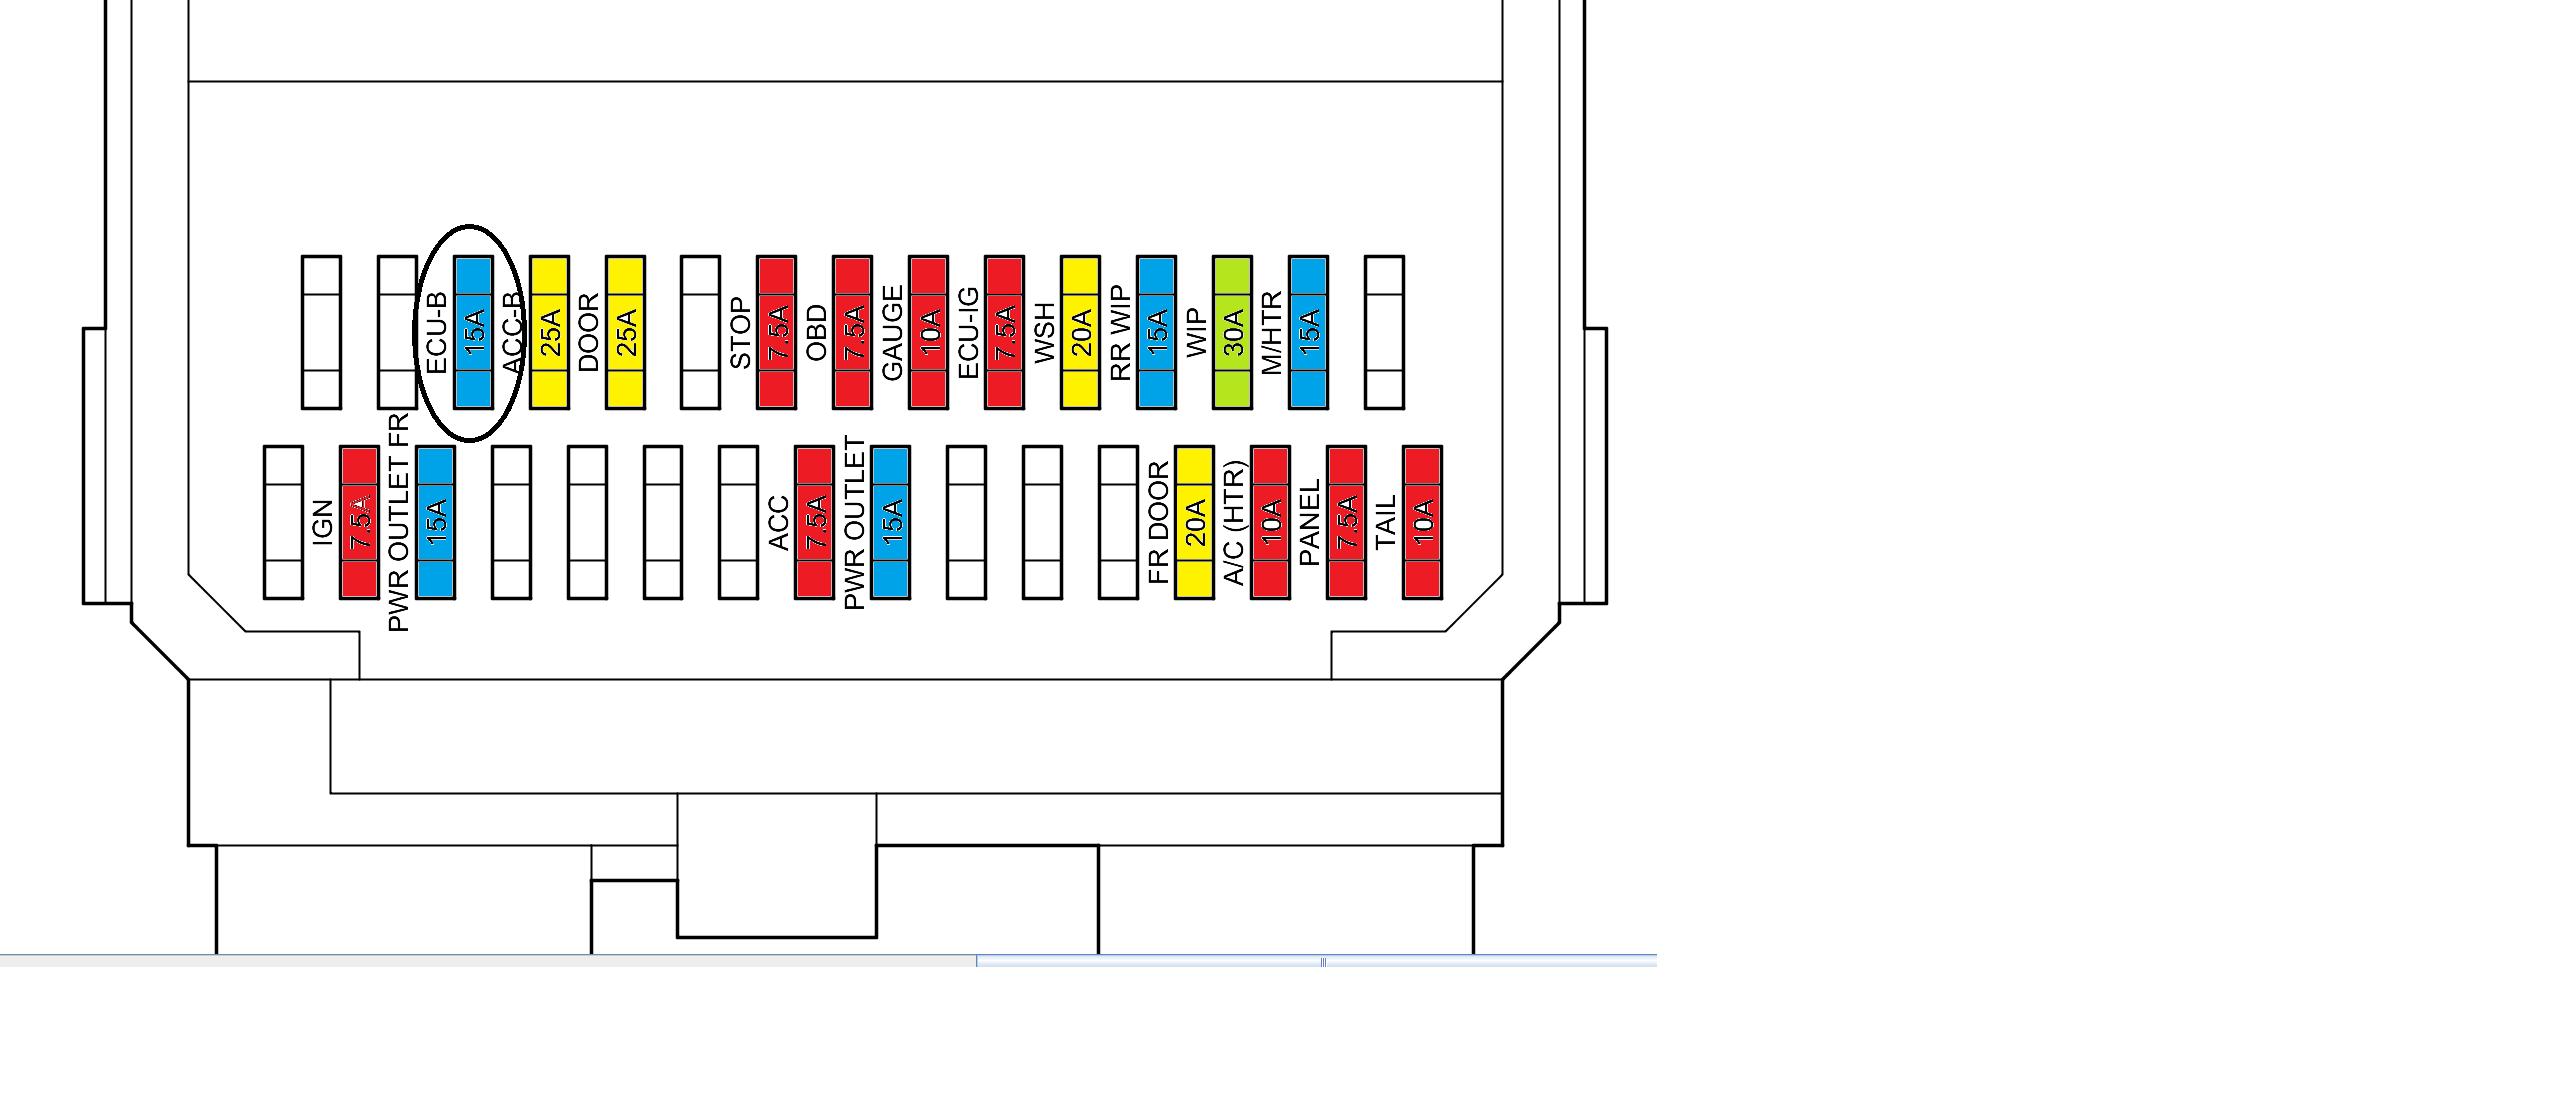 Toyota Prius Fuse Box Location - image details